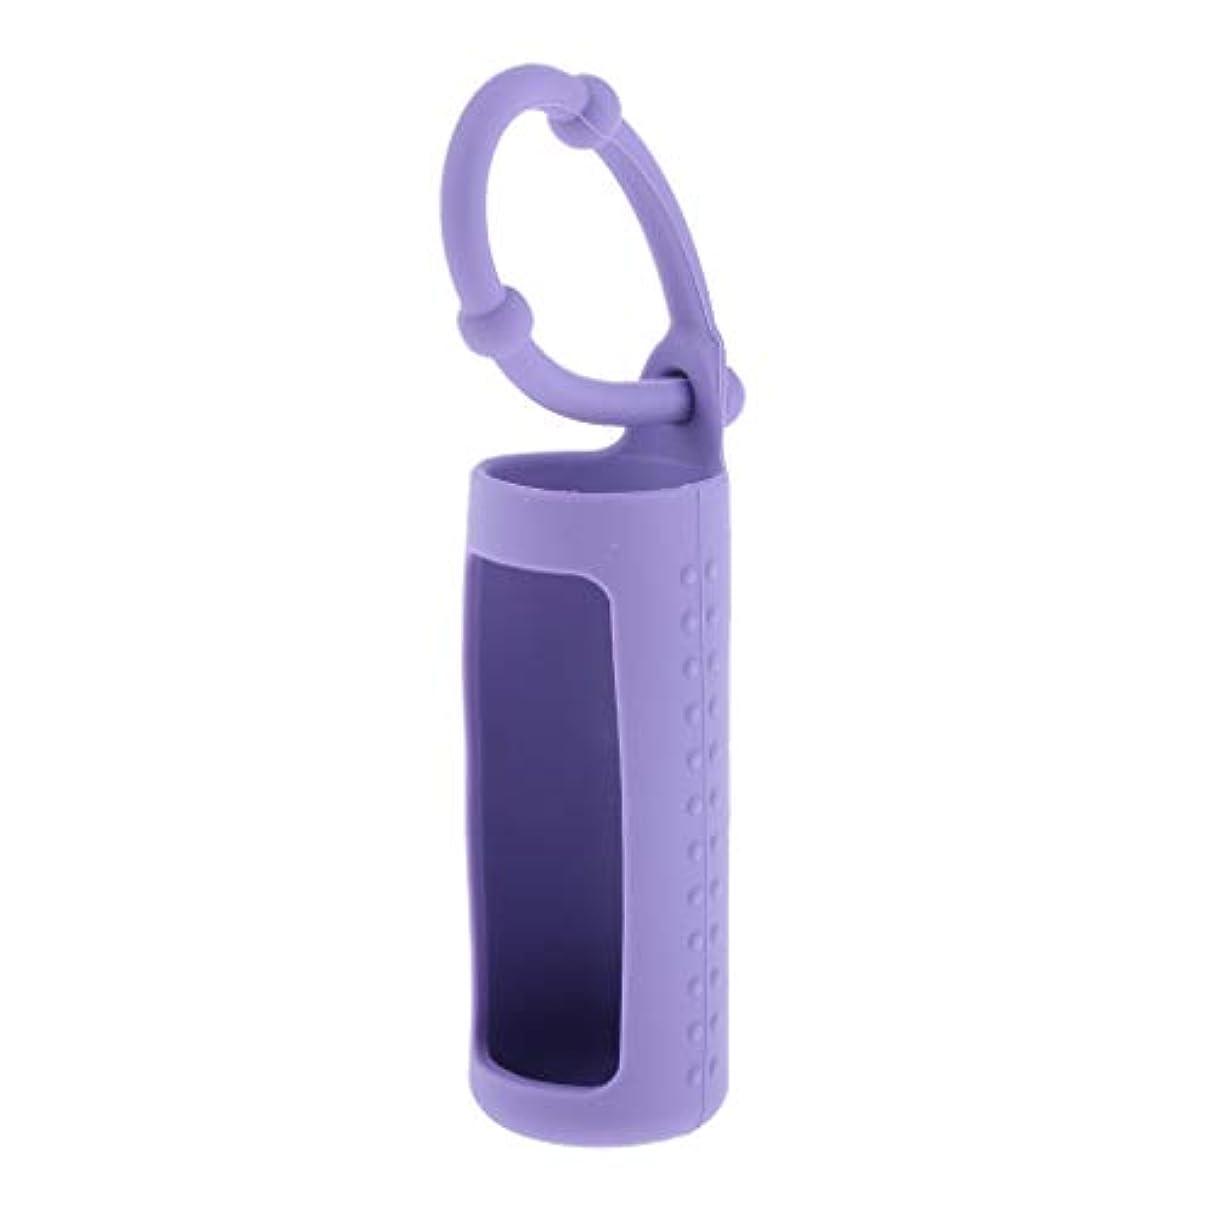 残酷な確立発疹dailymall エッセンシャルオイル 精油 香水ボトル ホルダー 詰替え容器 吊り掛け 10ml 全6色 - 紫